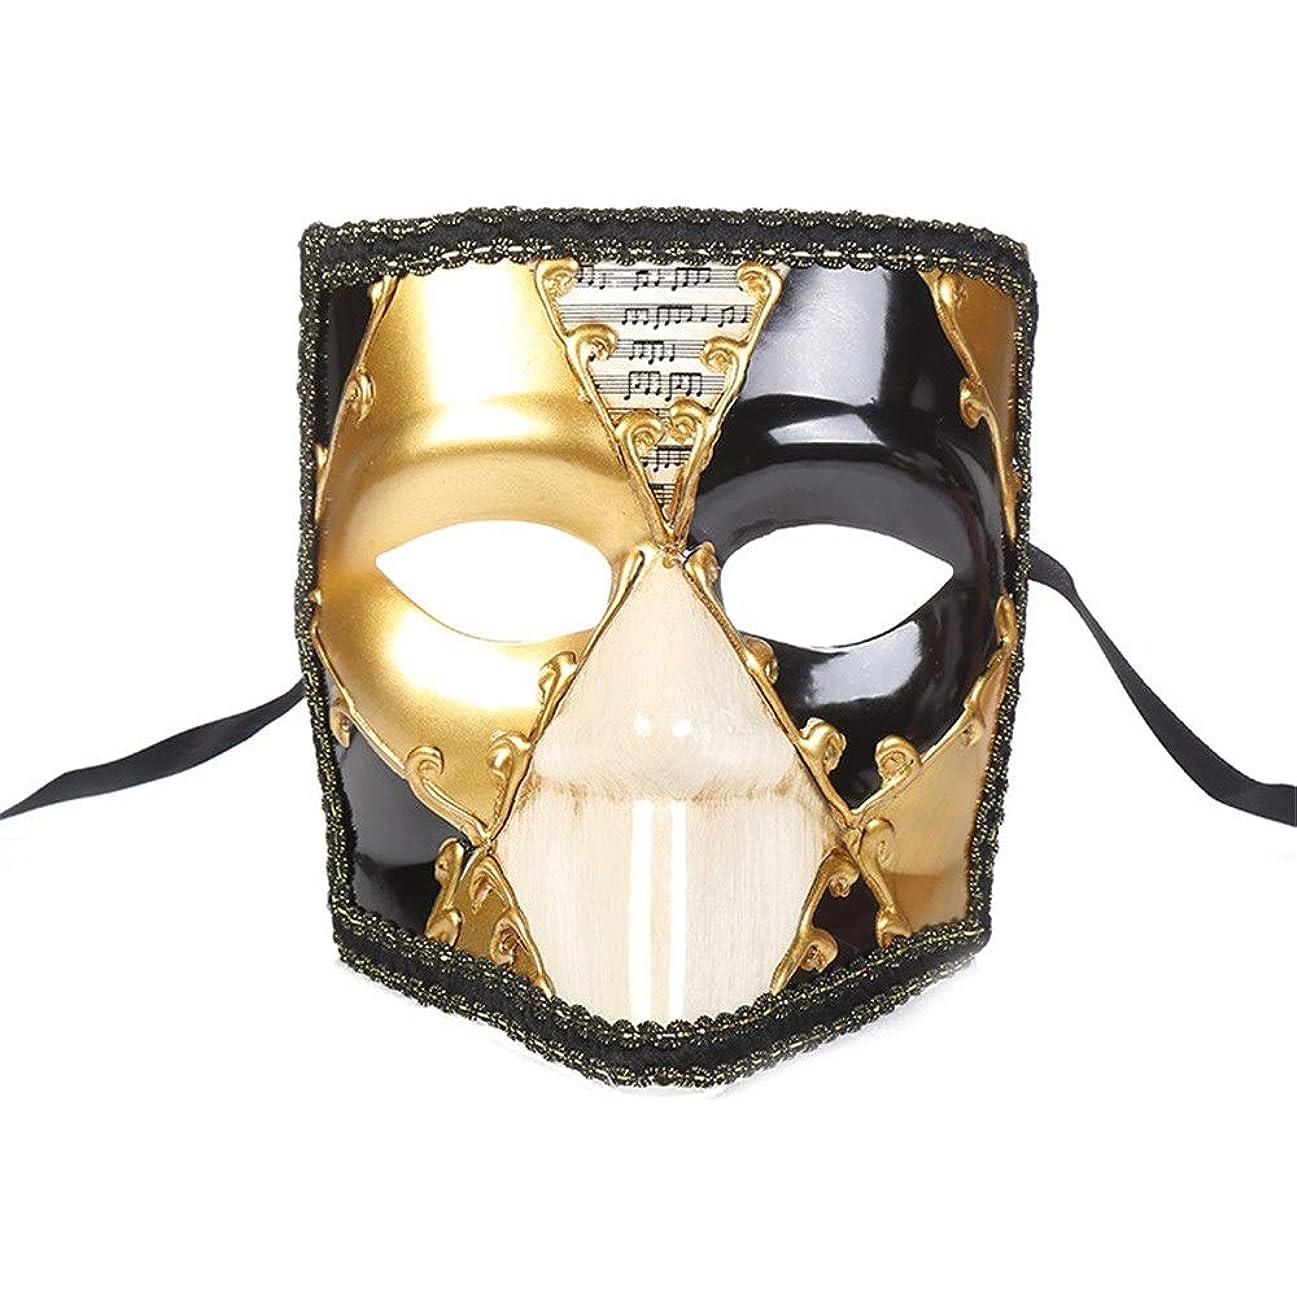 高い行商人採用するダンスマスク ピエロマスクヴィンテージマスカレードショーデコレーションコスプレナイトクラブプラスチック厚いマスク ホリデーパーティー用品 (色 : 黄, サイズ : 18x15cm)